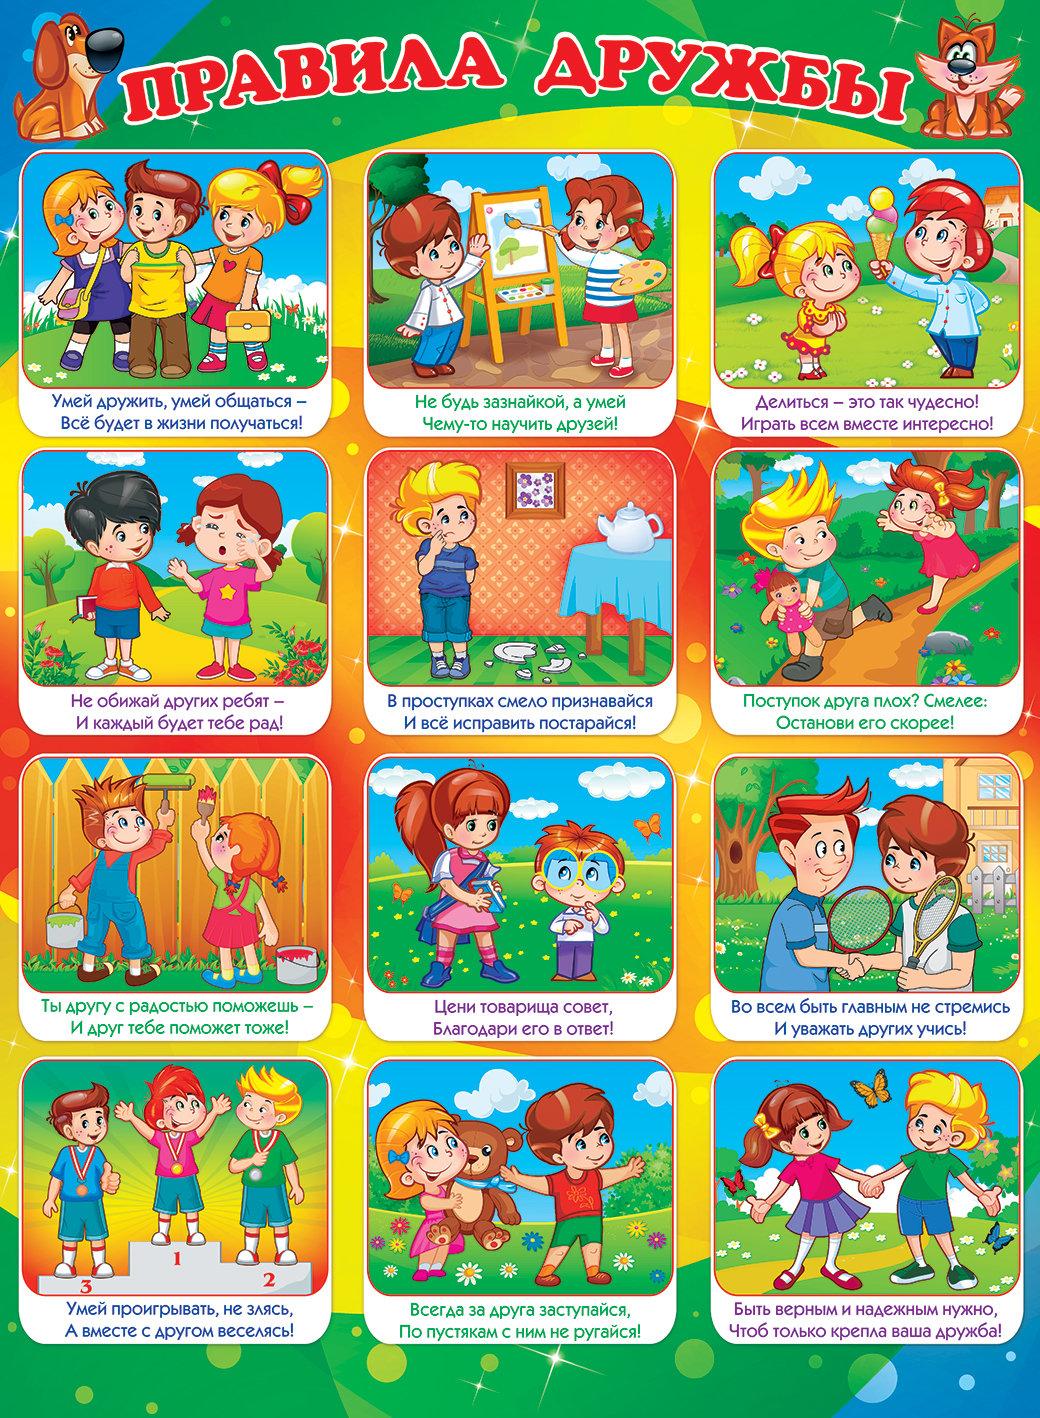 Правила поведения дошкольников в картинках